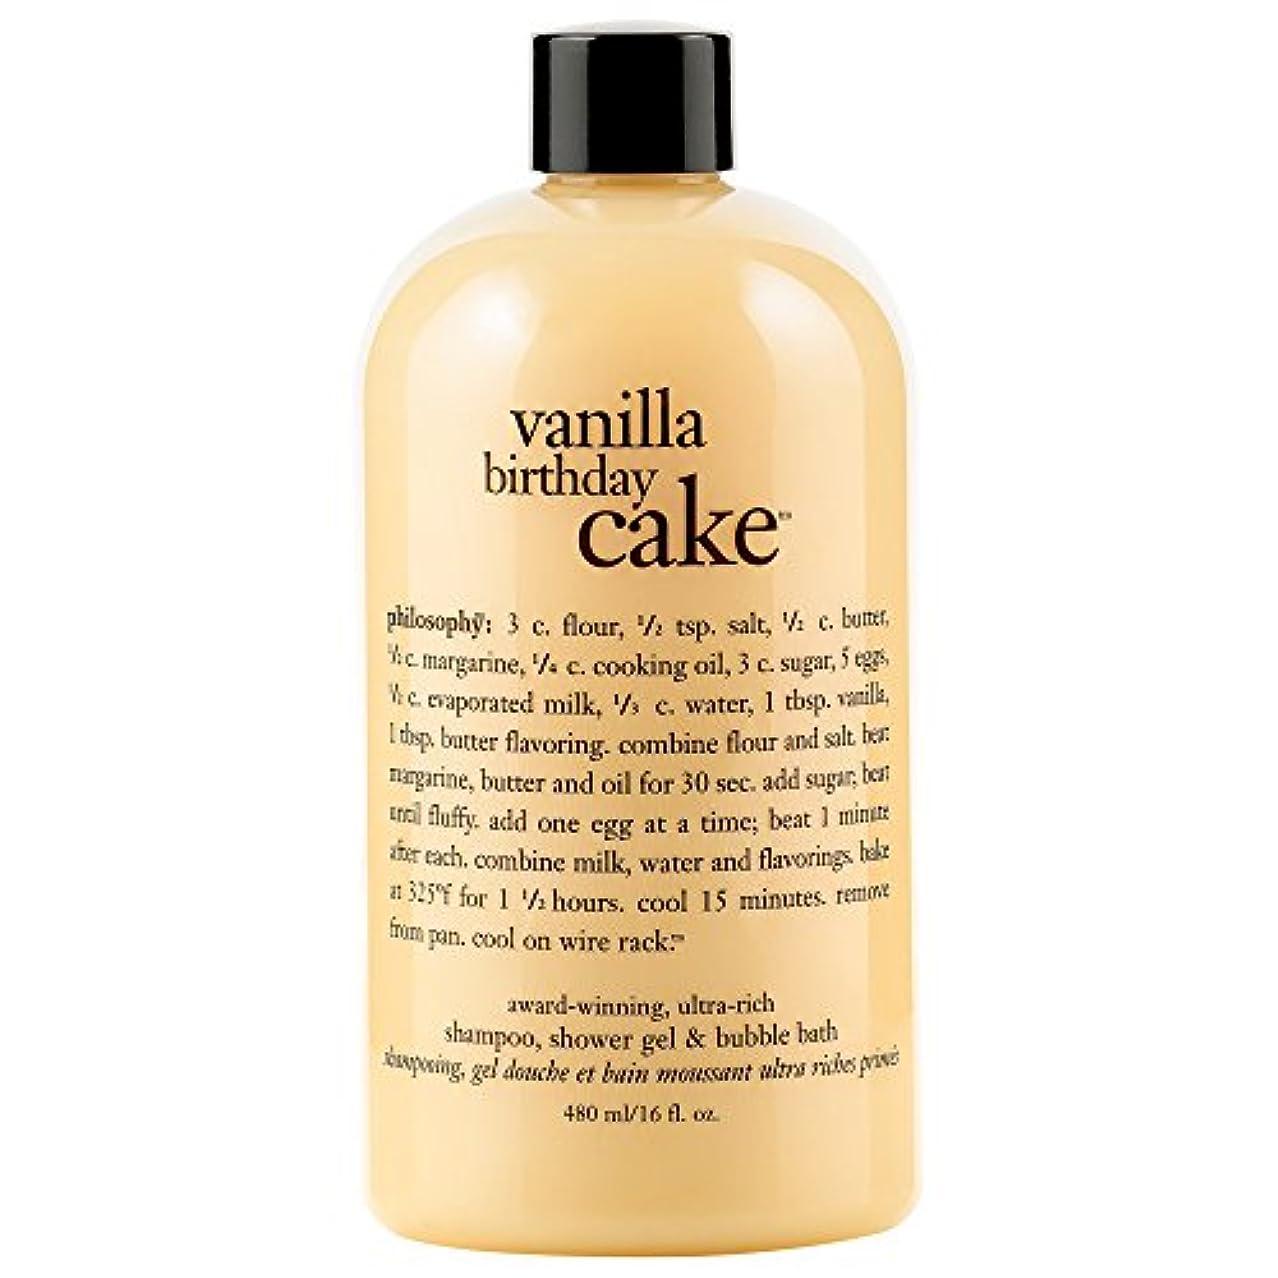 サーフィン幻滅するシダ哲学バニラバースデーケーキシャンプー/シャワージェル/バブルバス480ミリリットル (Philosophy) (x2) - Philosophy Vanilla Birthday Cake Shampoo/Shower...